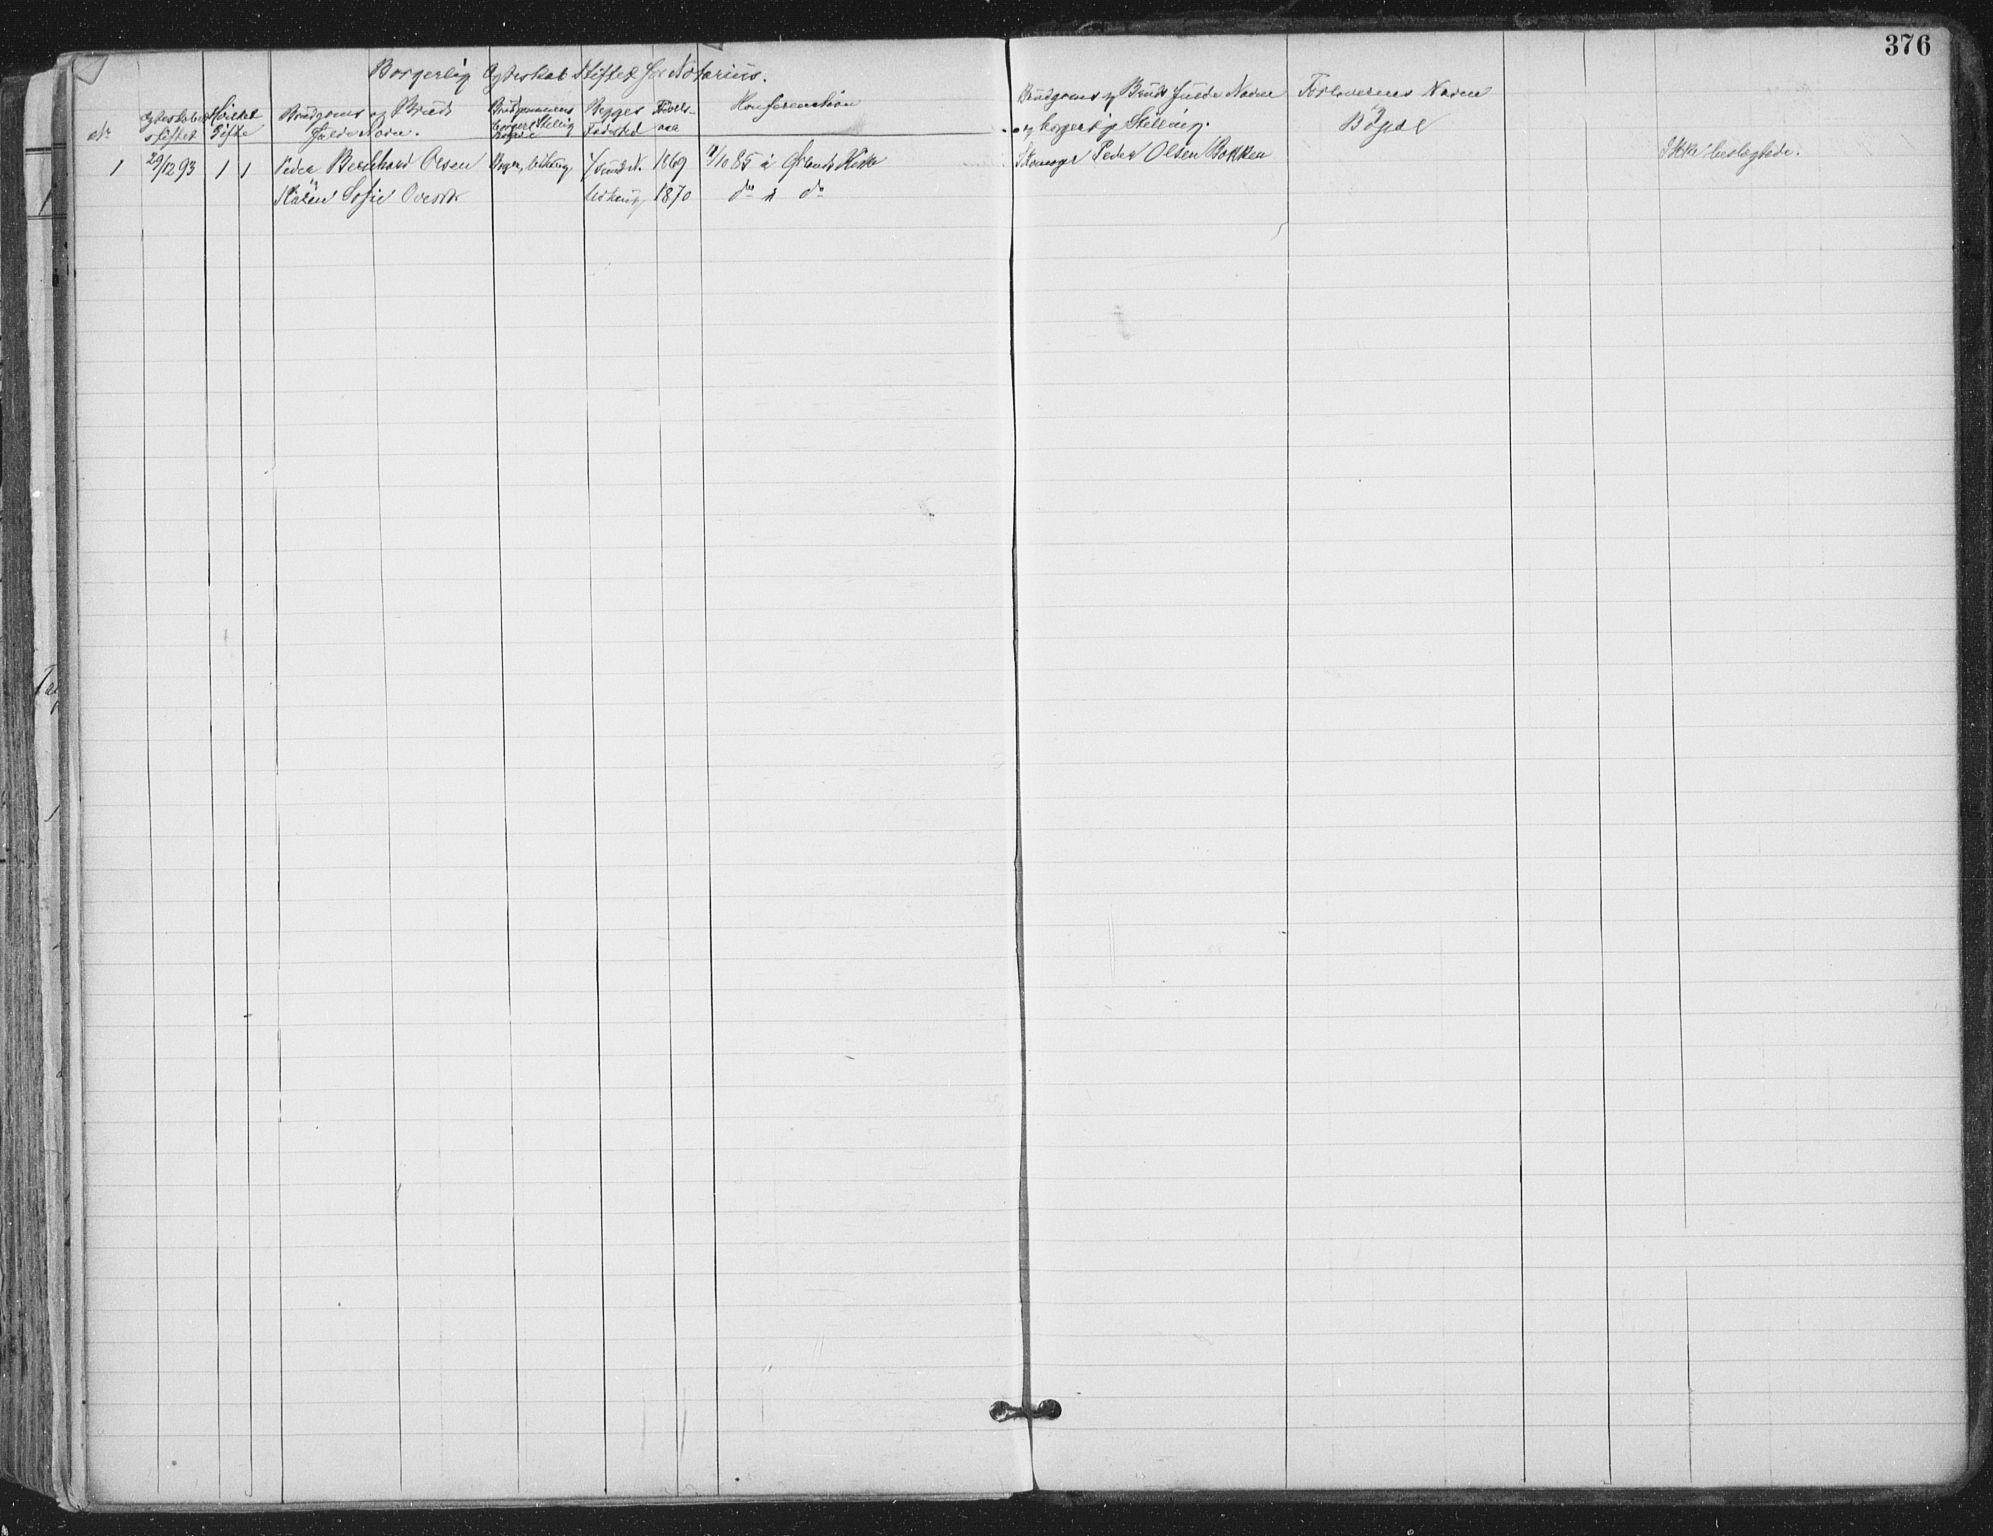 SAT, Ministerialprotokoller, klokkerbøker og fødselsregistre - Sør-Trøndelag, 659/L0743: Ministerialbok nr. 659A13, 1893-1910, s. 376